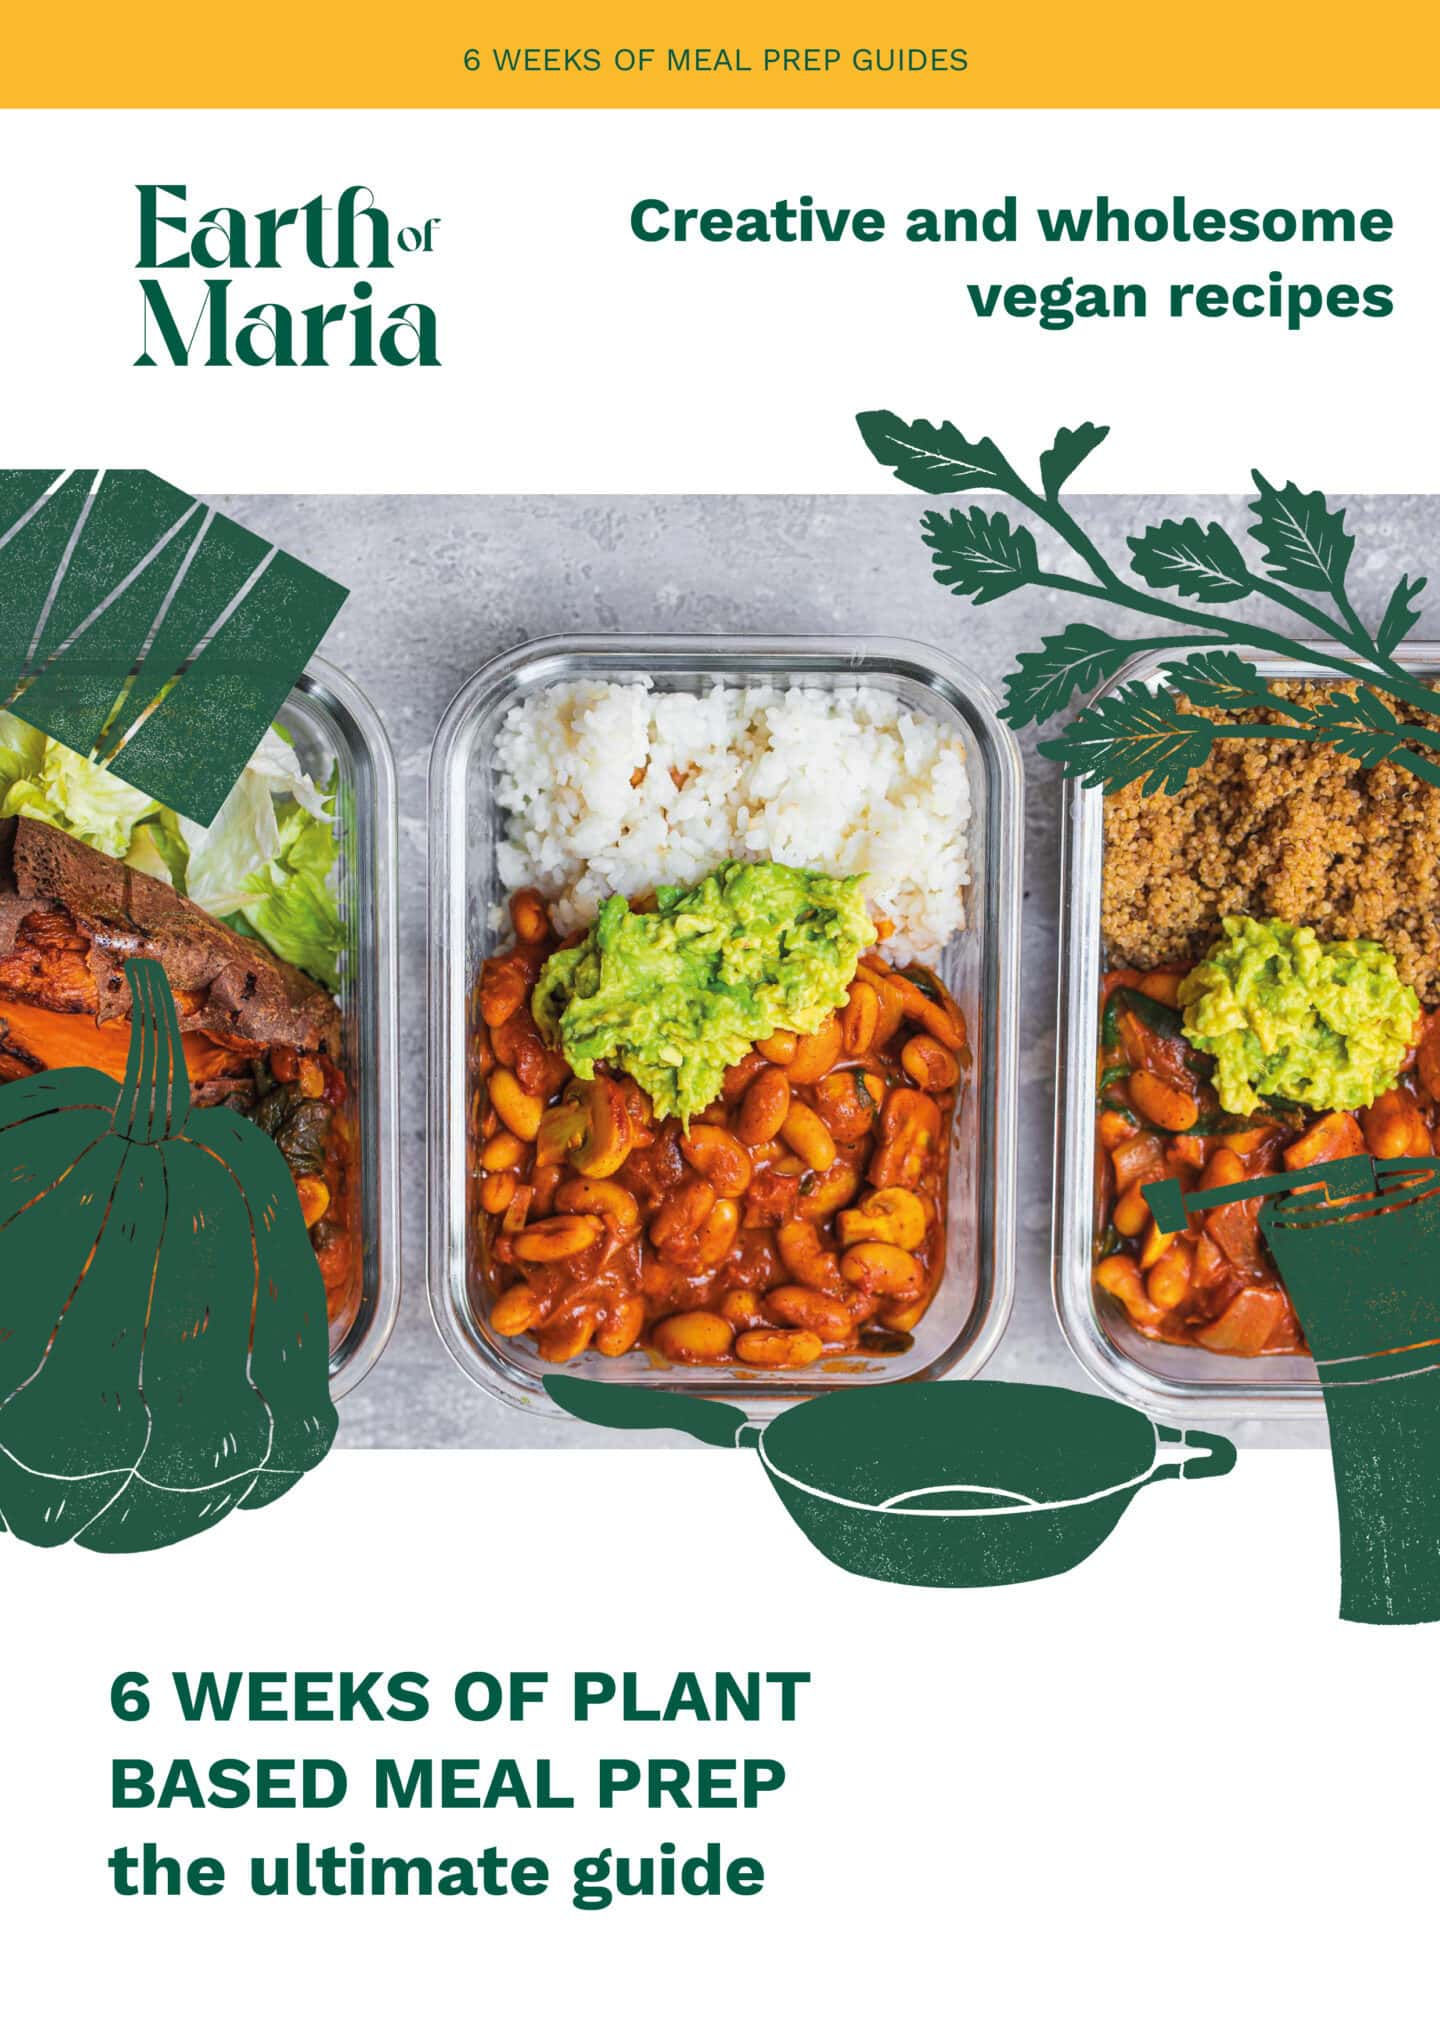 6 weeks of plant based meal prep